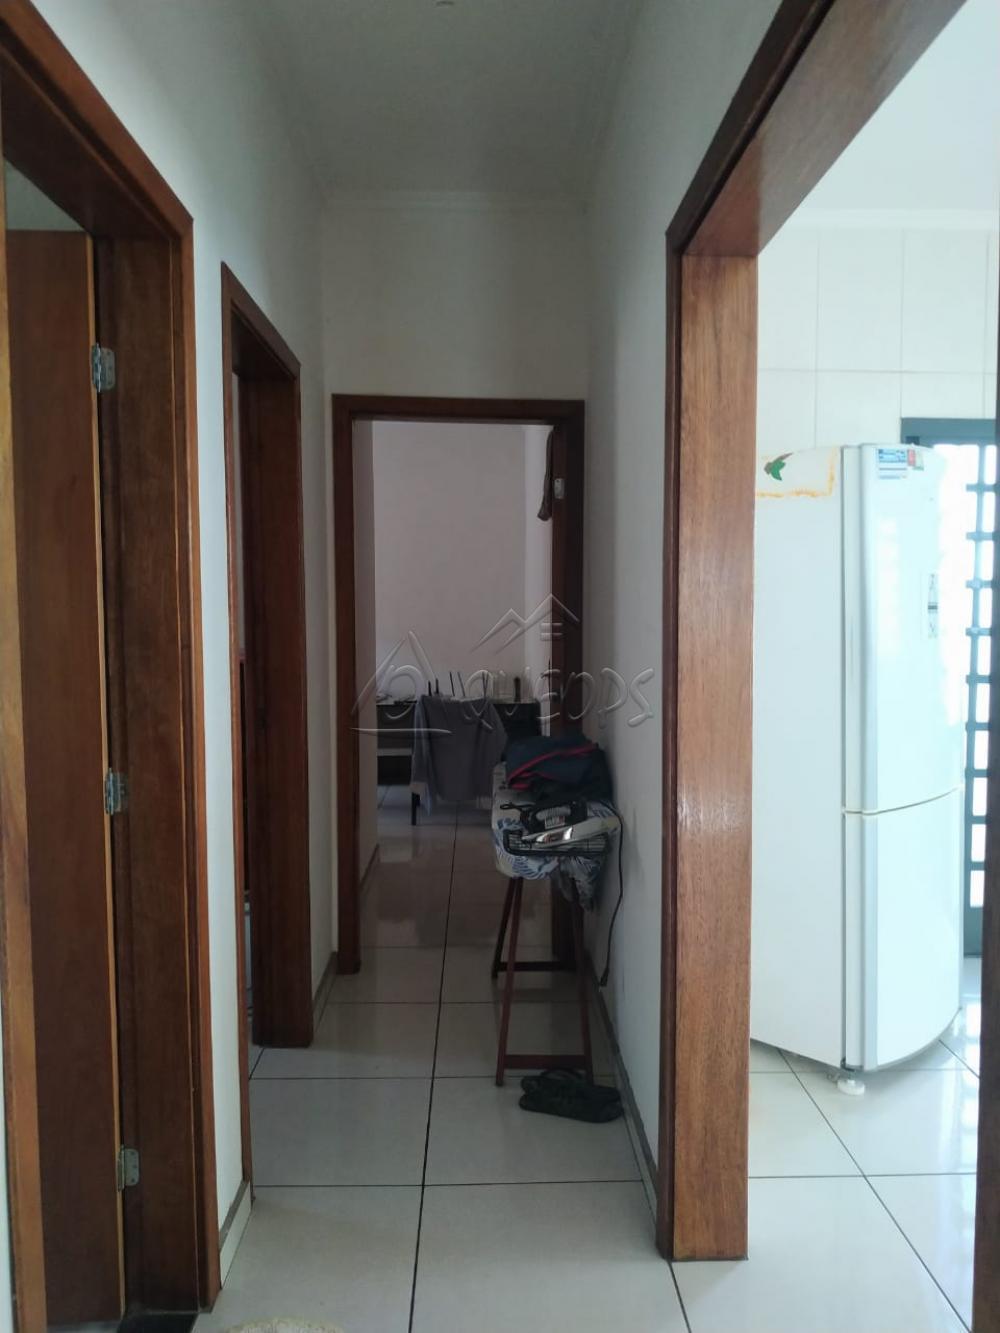 Comprar Casa / Padrão em Barretos apenas R$ 280.000,00 - Foto 9